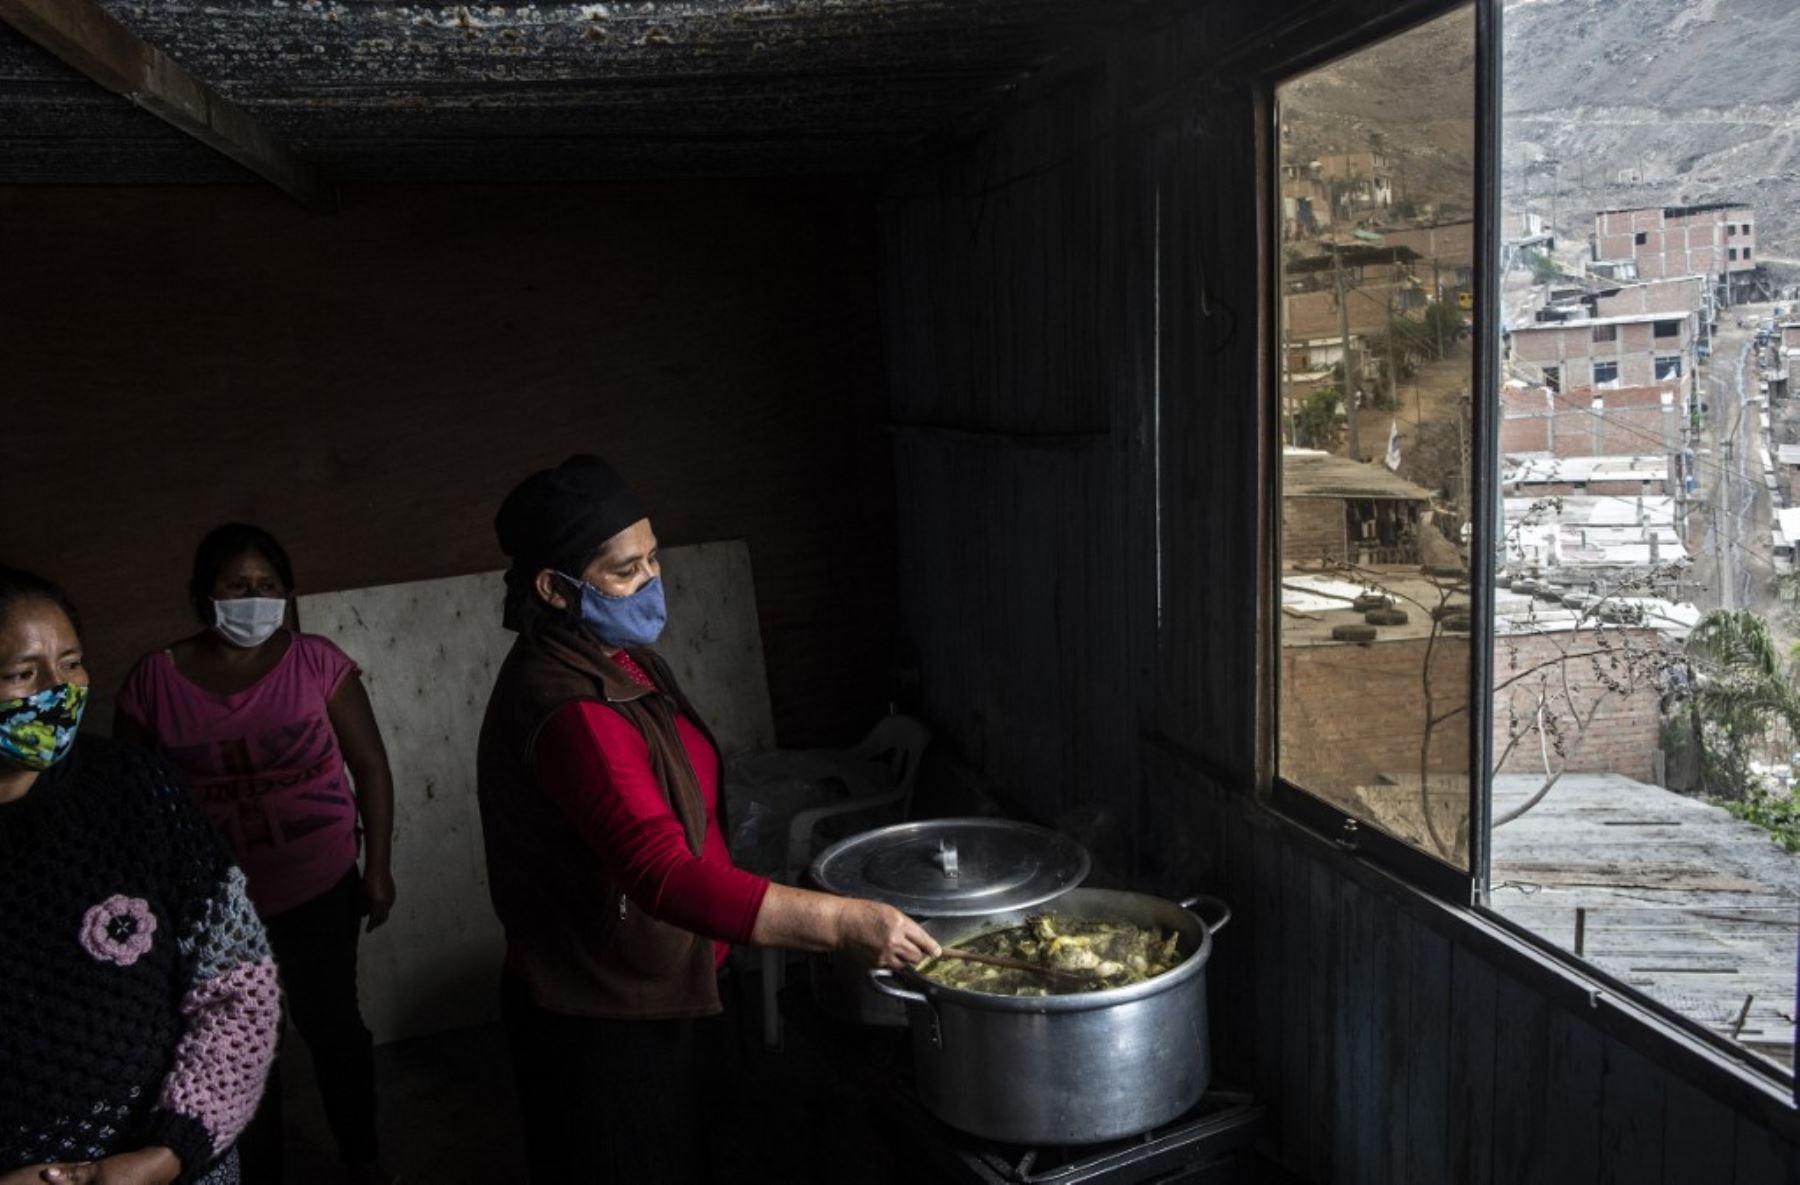 Los voluntarios cocinan en un comedor de beneficencia de la sección de Pamplona Alta, en las afueras del sur de Lima, durante la nueva pandemia de coronavirus. Foto: AFP